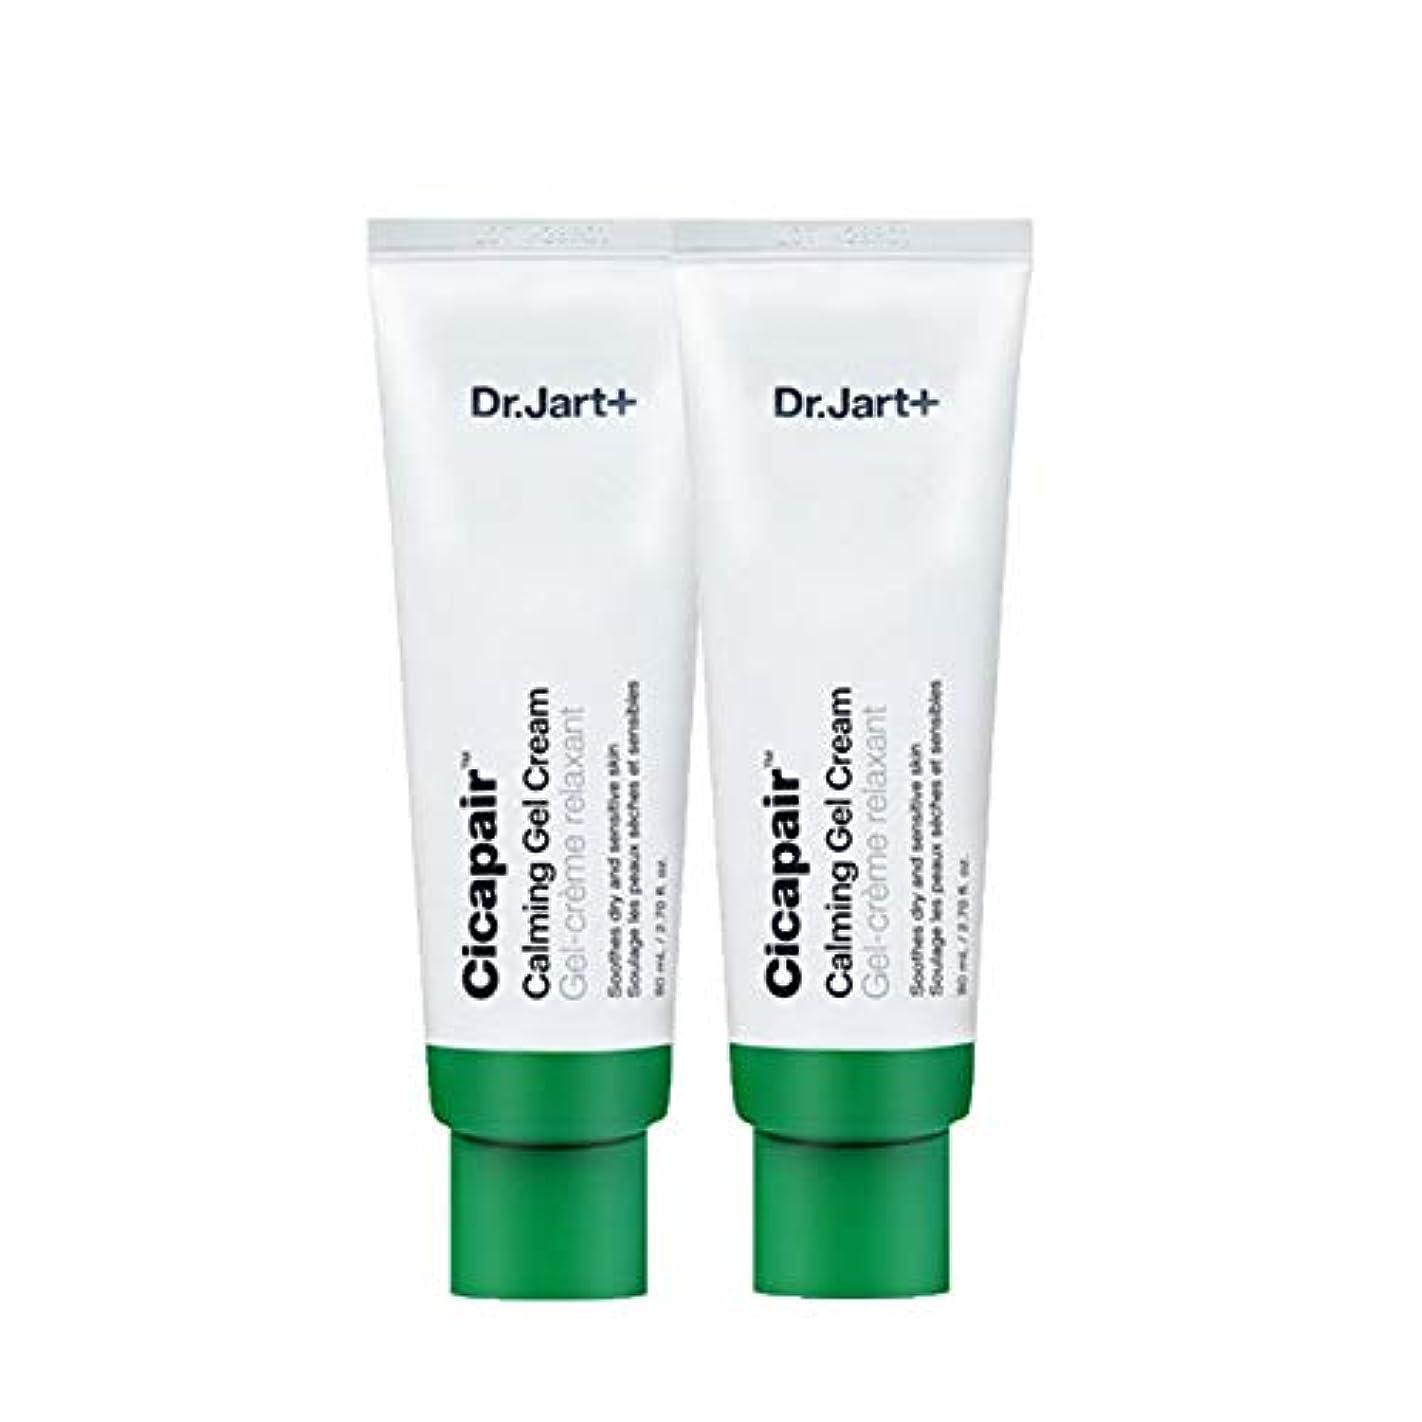 置換のぞき見敵ドクタージャルトゥシカフェアカミングジェルクリーム80mlx2本セットシワ改善韓国コスメ、Dr.Jart Cicapair Calming Gel Cream 80ml x 2ea Set Korean Cosmetics...